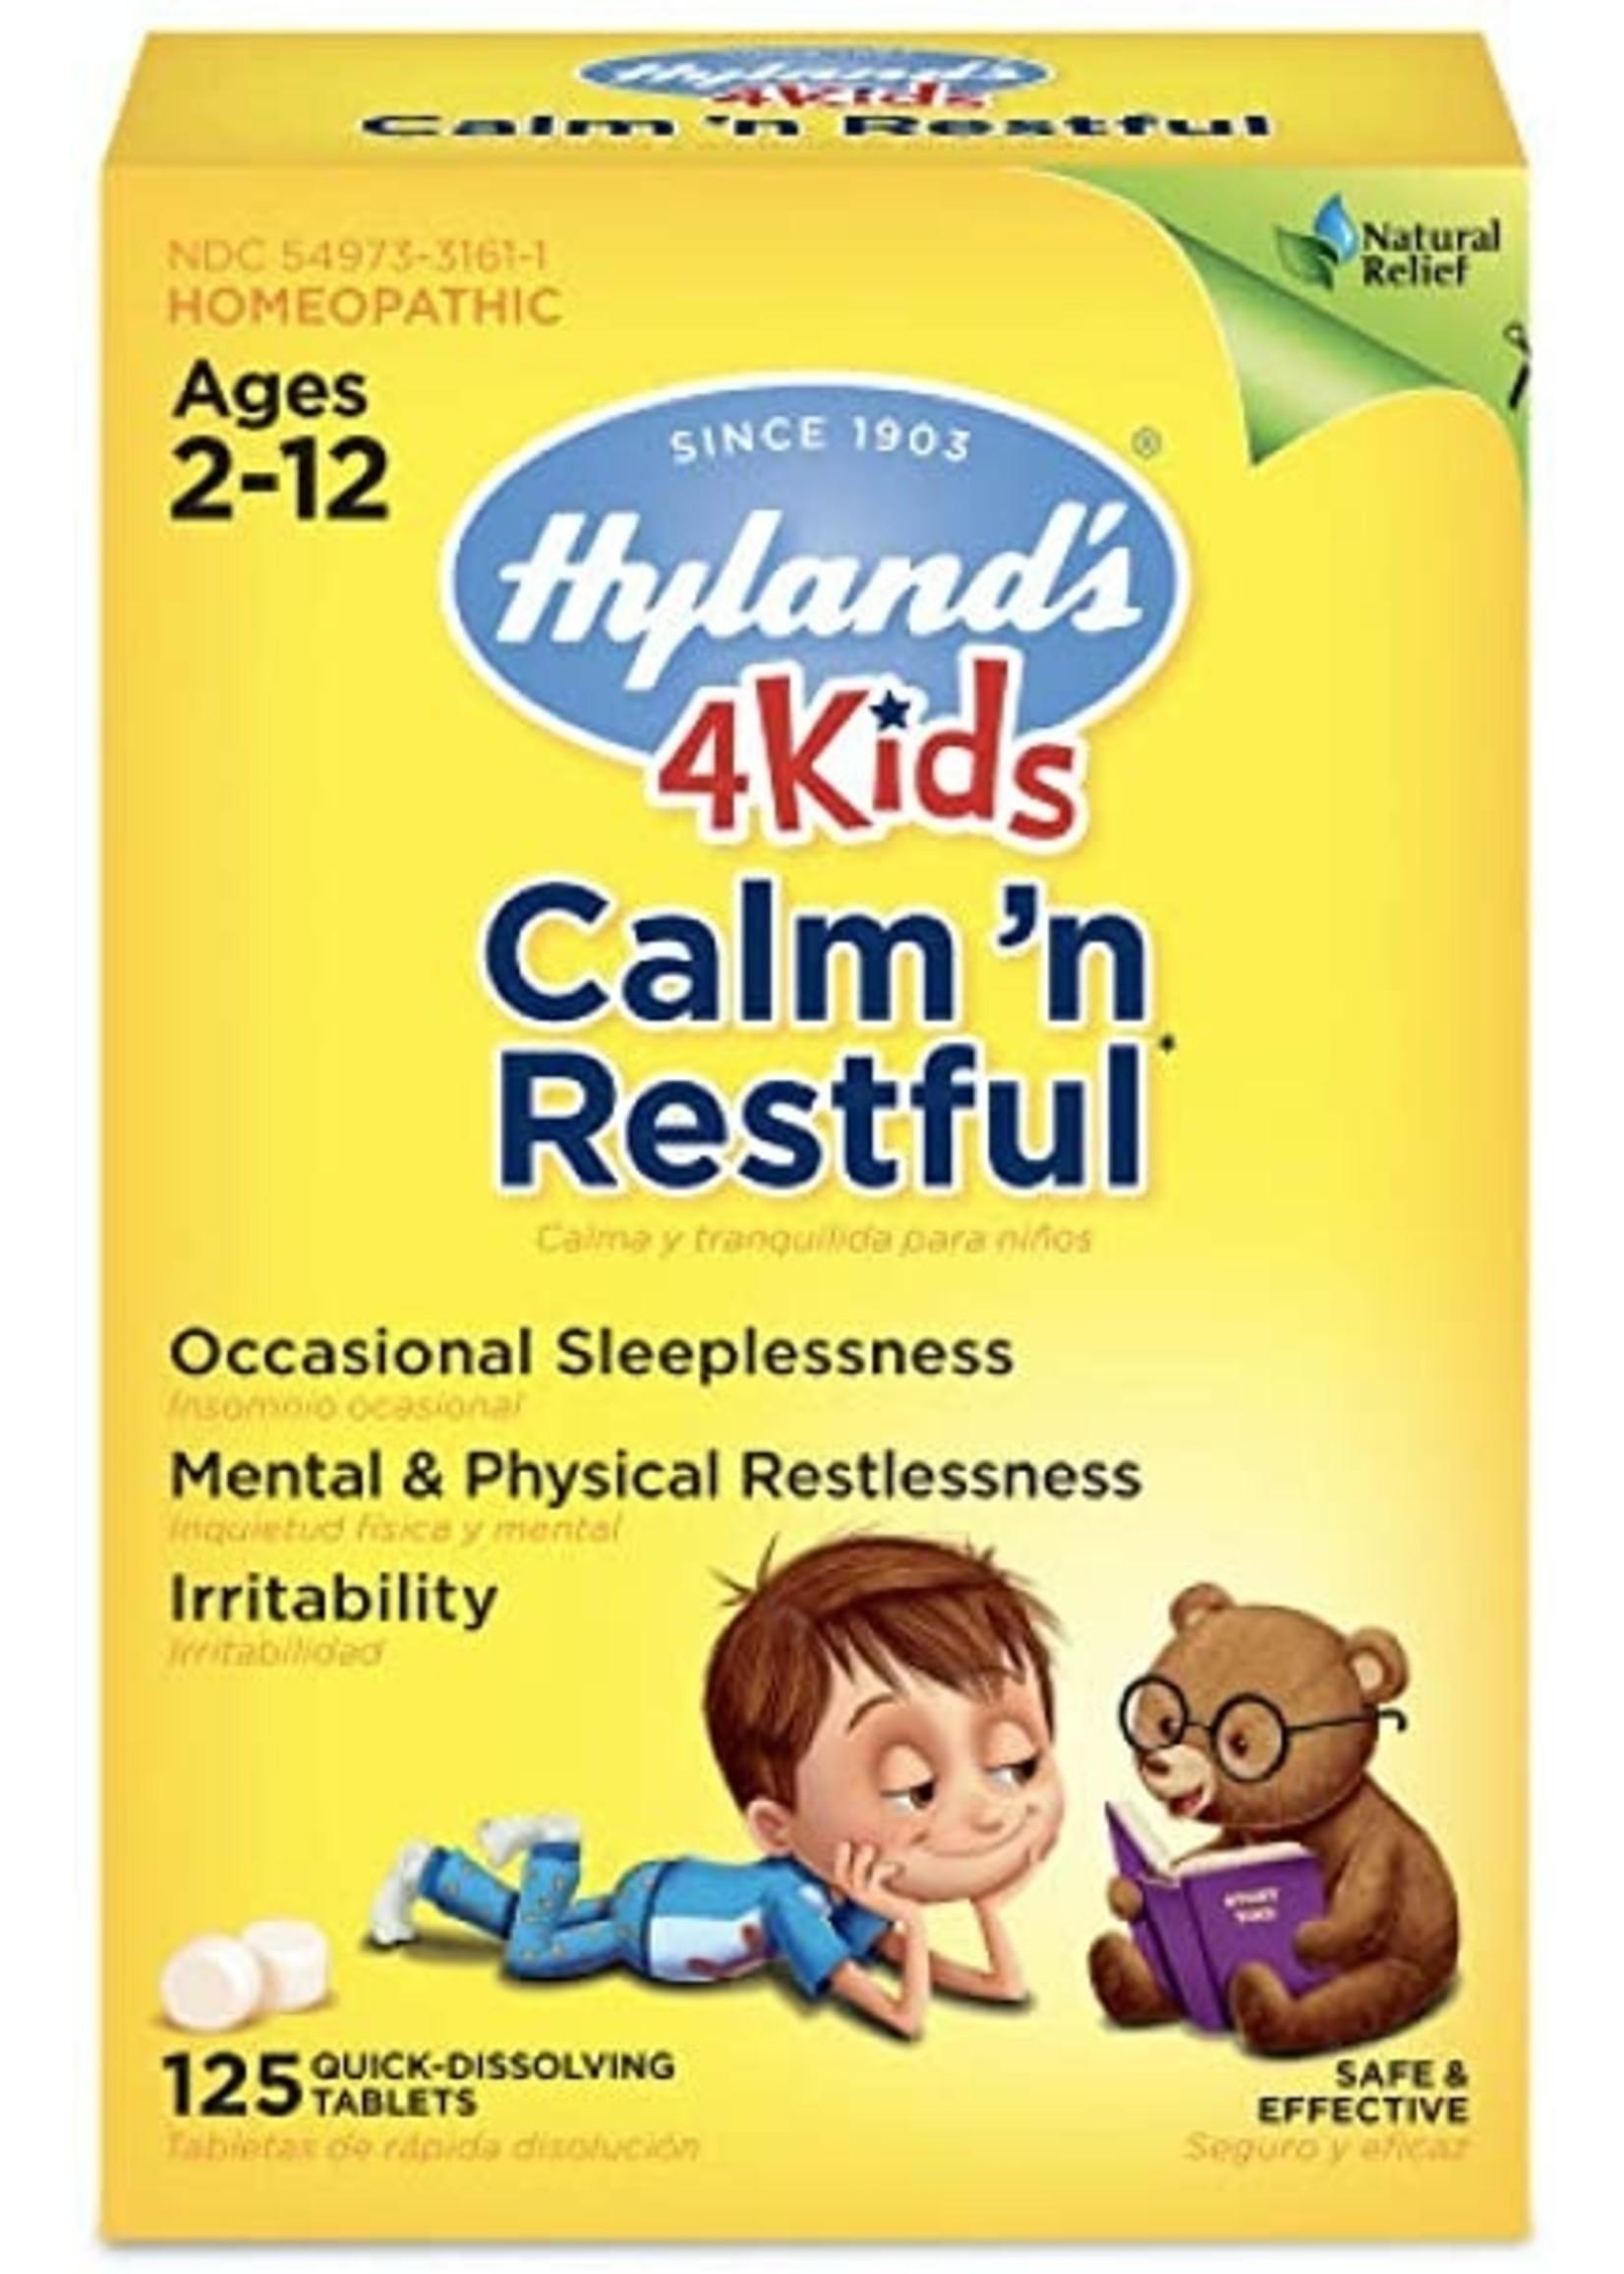 Hylands Calm n' Restful 4 Kids 125tablets